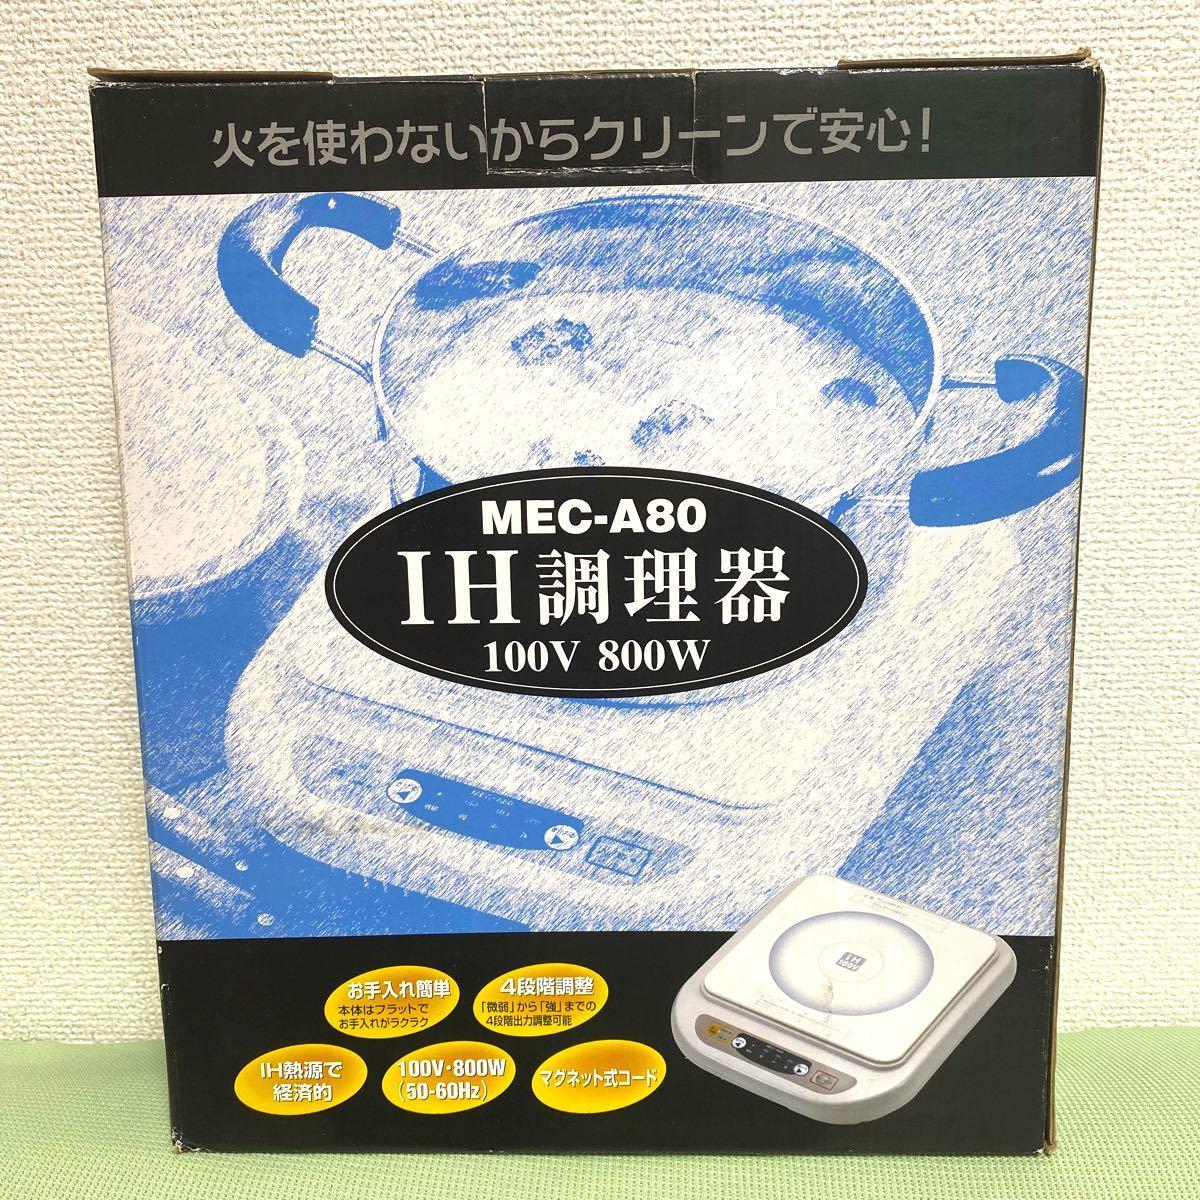 IH調理器 丸山技研 MEC-A80